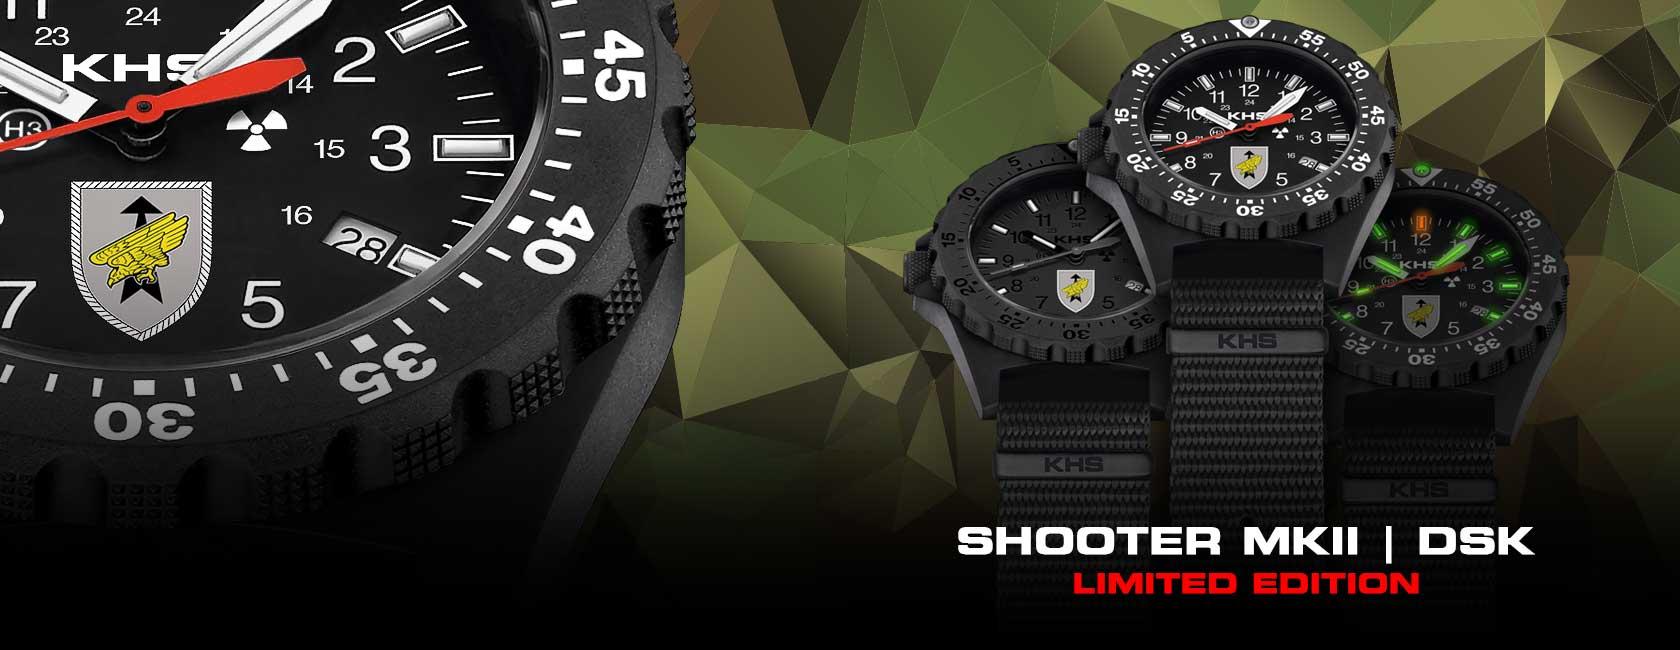 KHS Shooter MKII | DSK